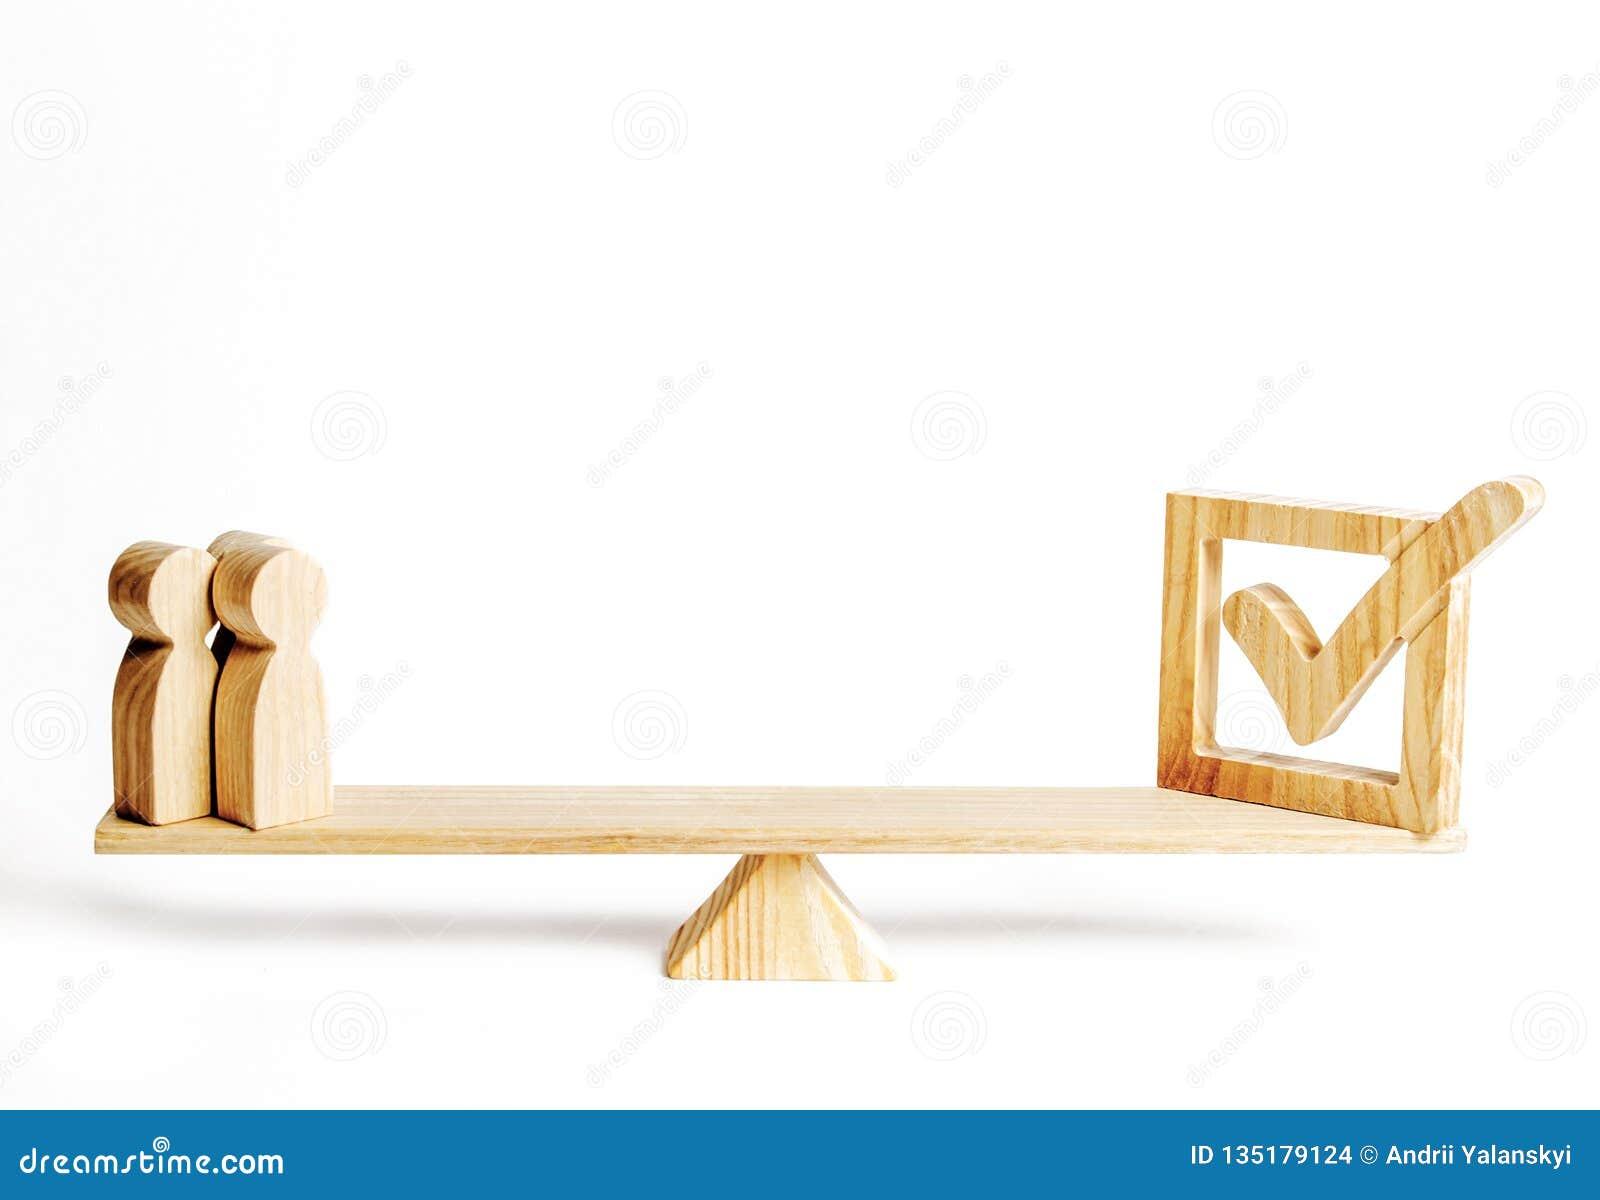 Un groupe de figures en bois des personnes et du coche en bois sur les échelles concept d appui politique, votant pour des lois